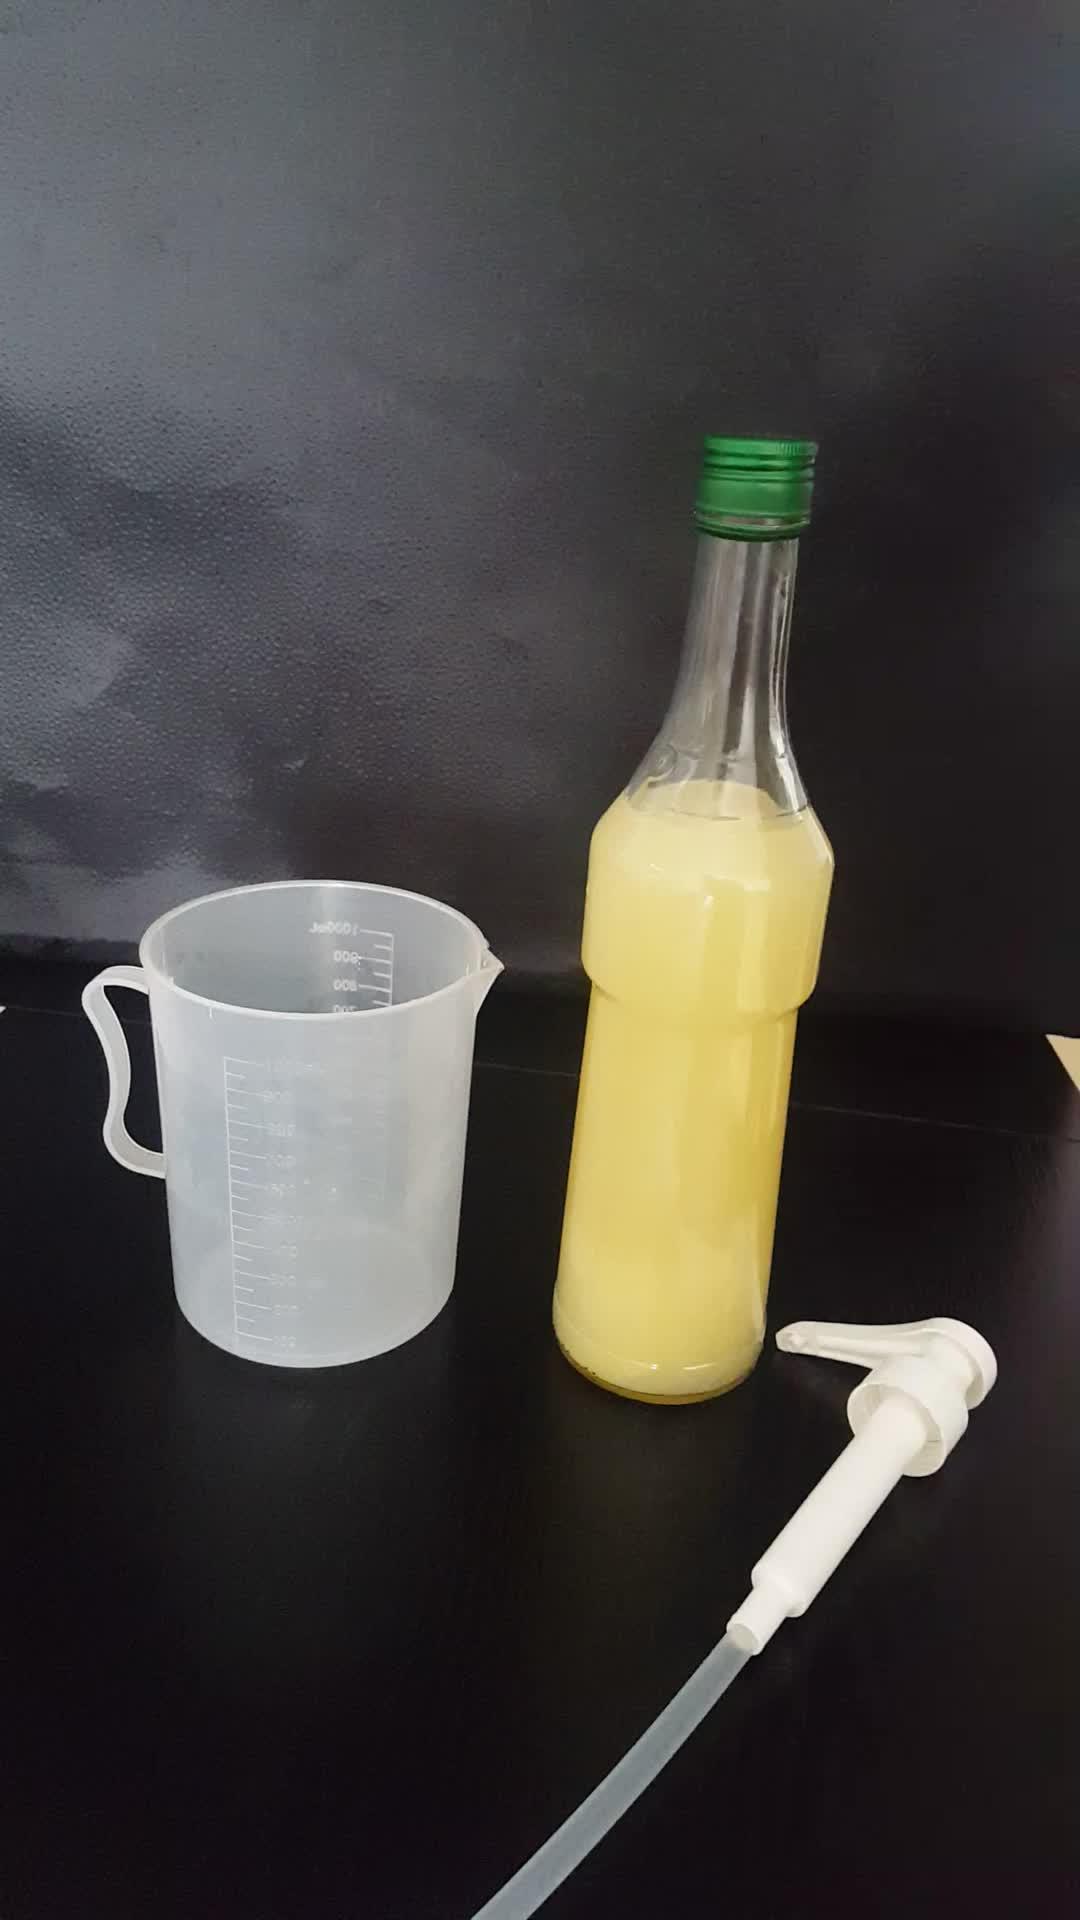 31/410 blanco jarabe de bomba de dispensador de 10 ml